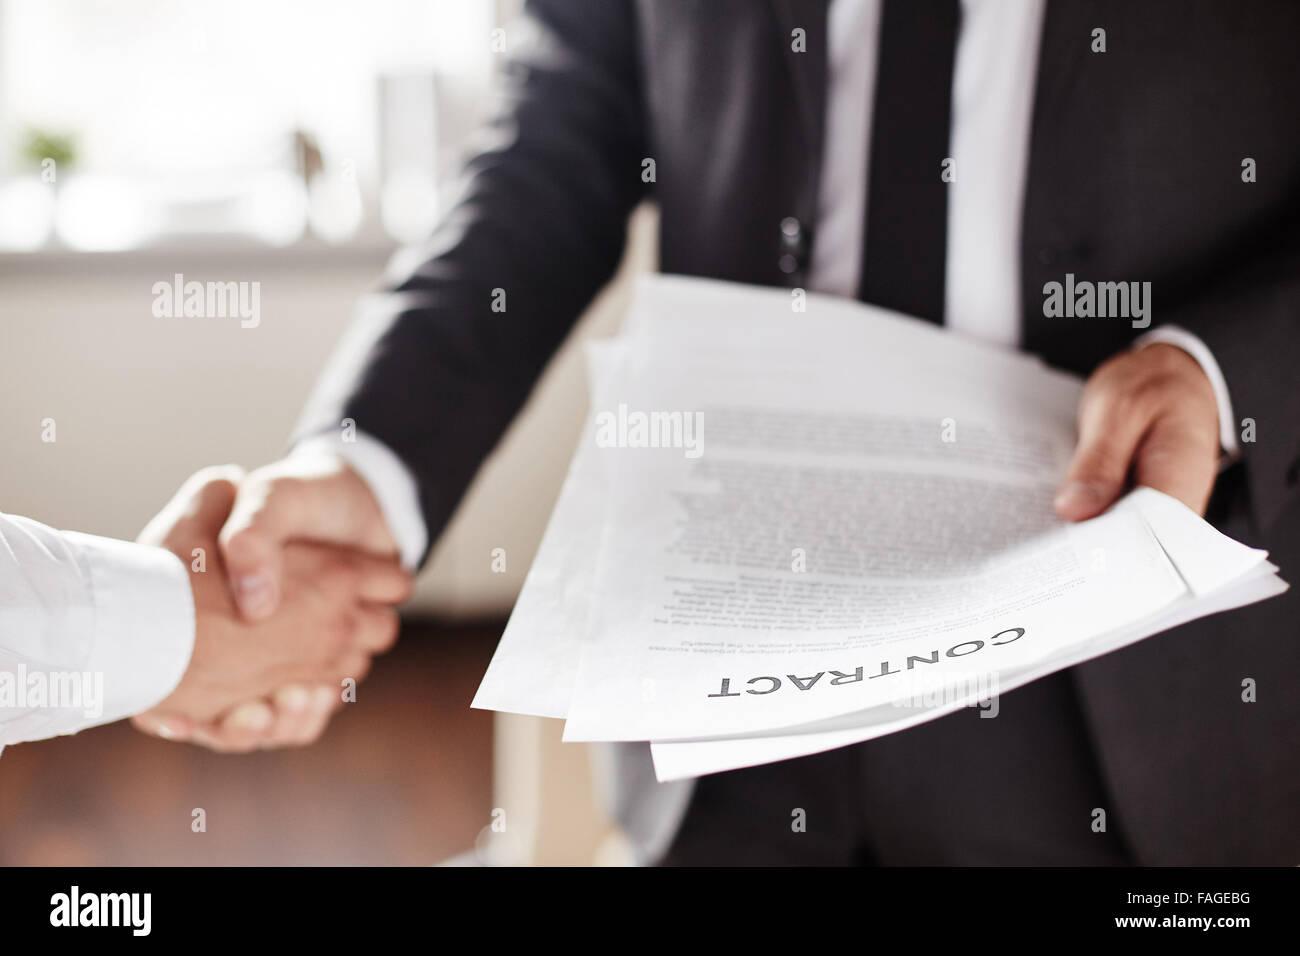 Contratto di Business tenuto da parte dell'imprenditore durante l'handshake con il partner Immagini Stock